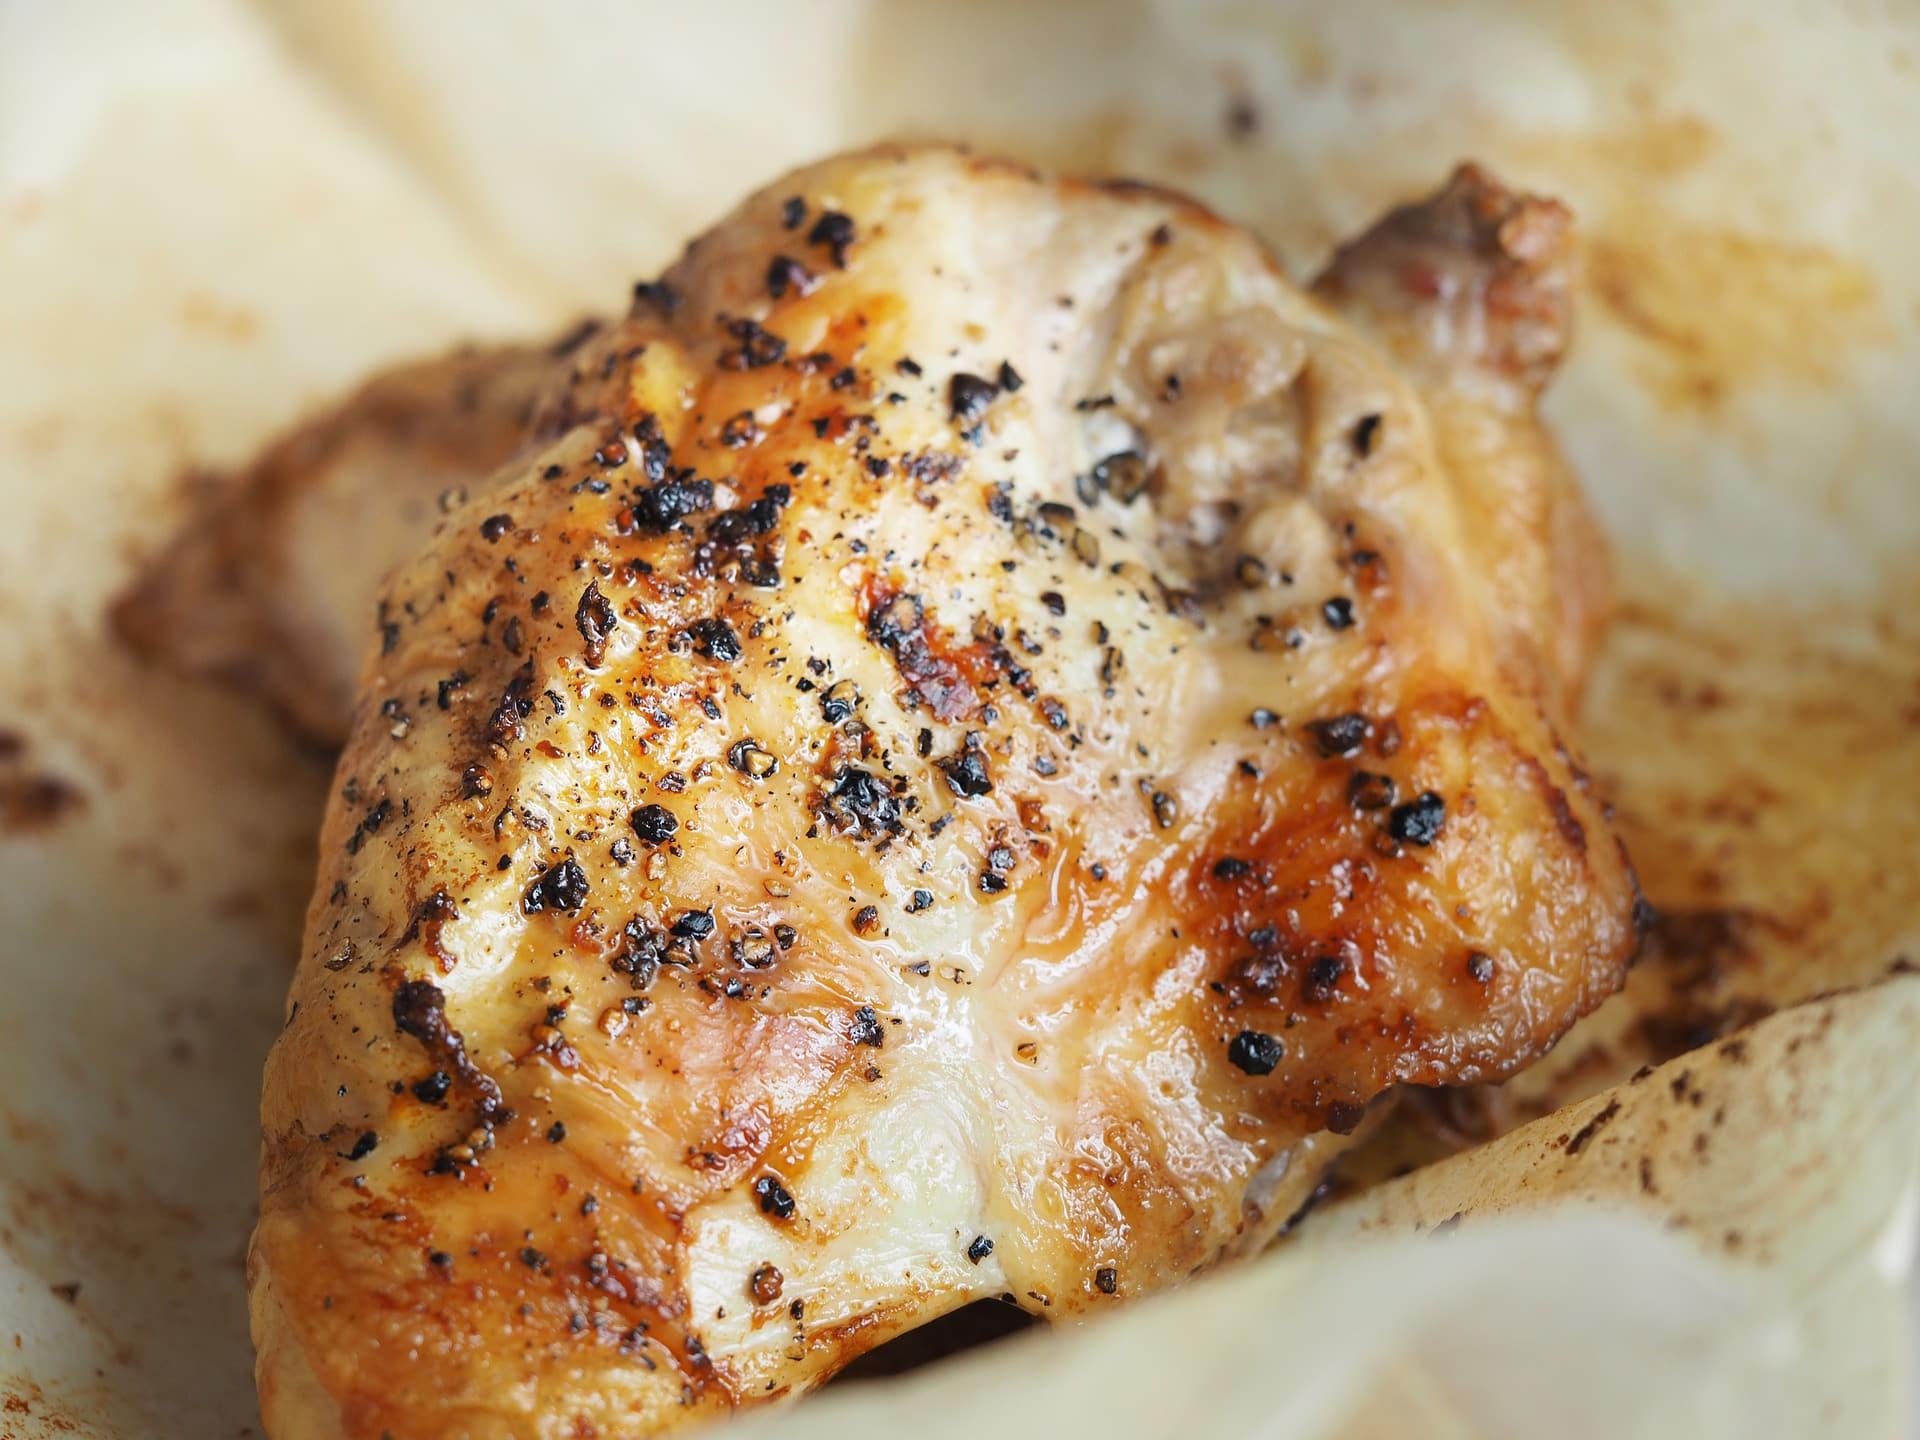 닭가슴살 다이어트 장점